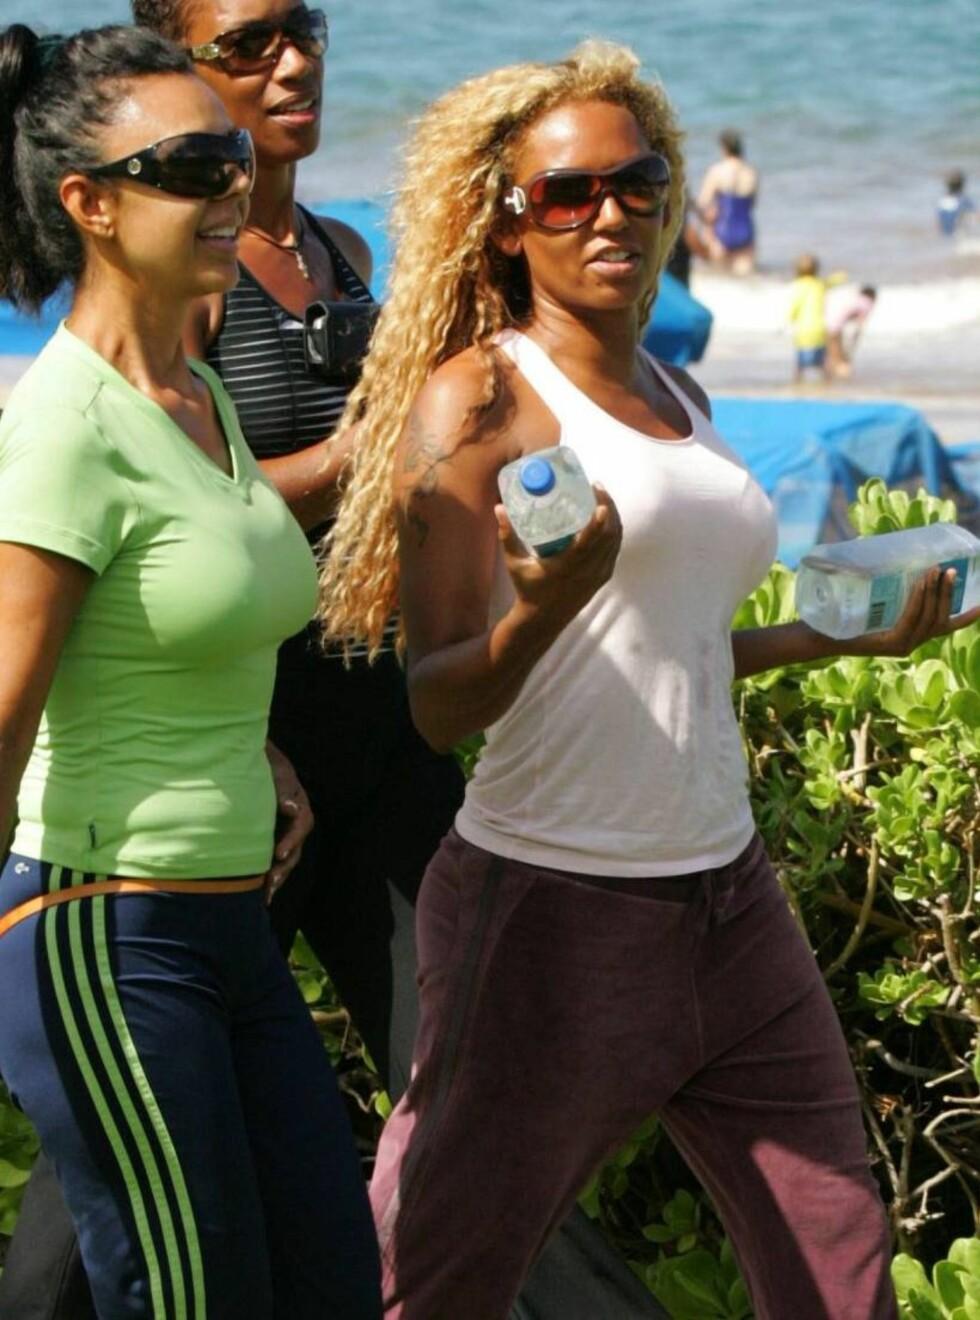 PÅ FERIE: Man skulle ikke tro at den tidligere Spice girls-stjernen var på ferie, der hun løp rundt på Hawaii med vennene.. Foto: STELLA PICTURES